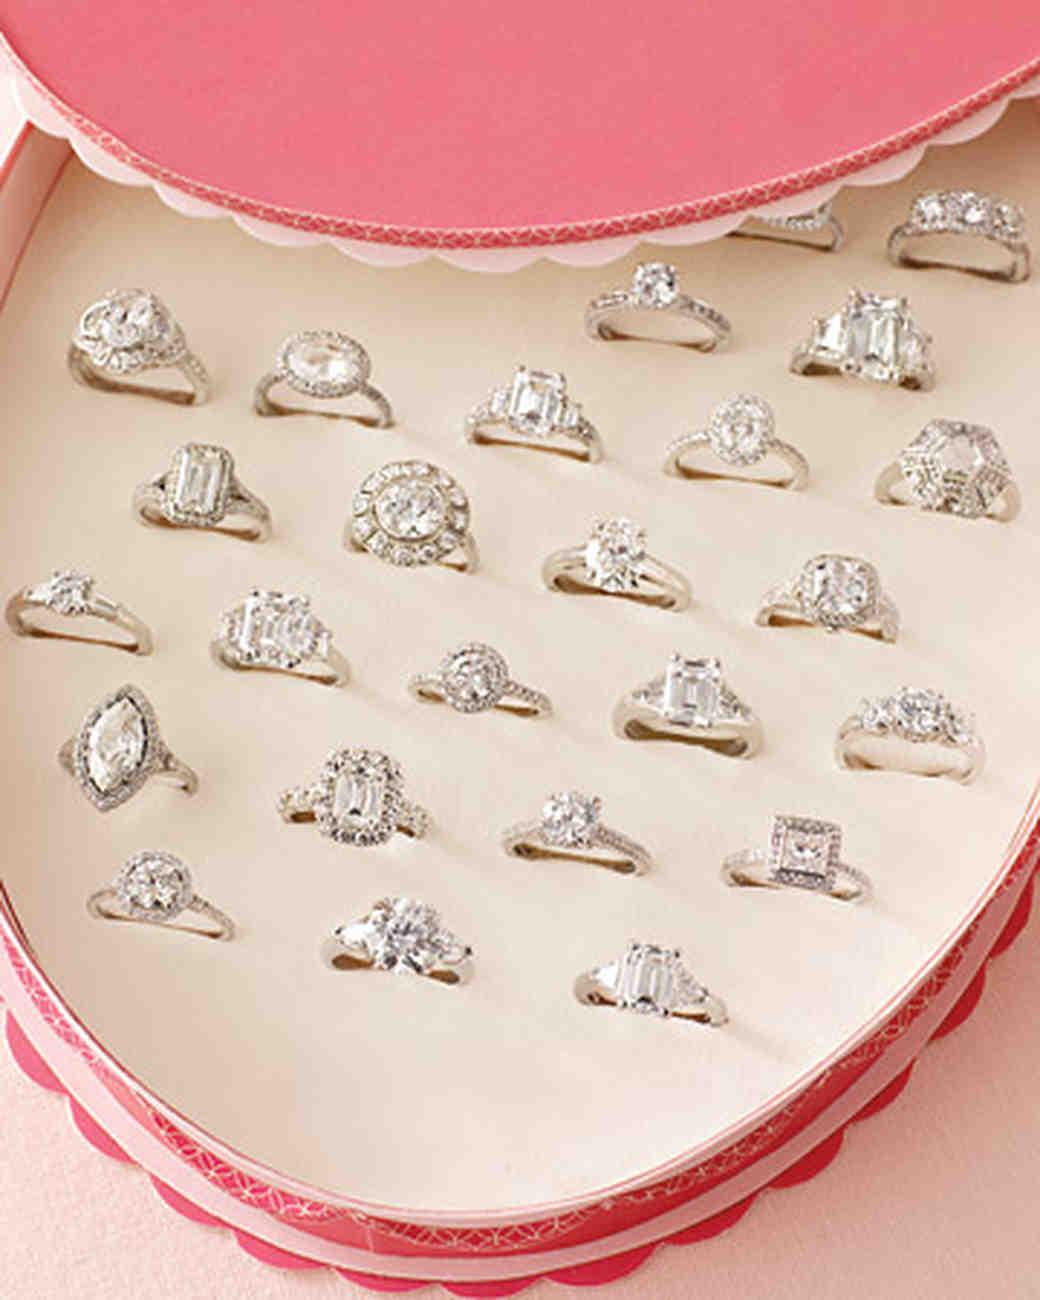 box of rings